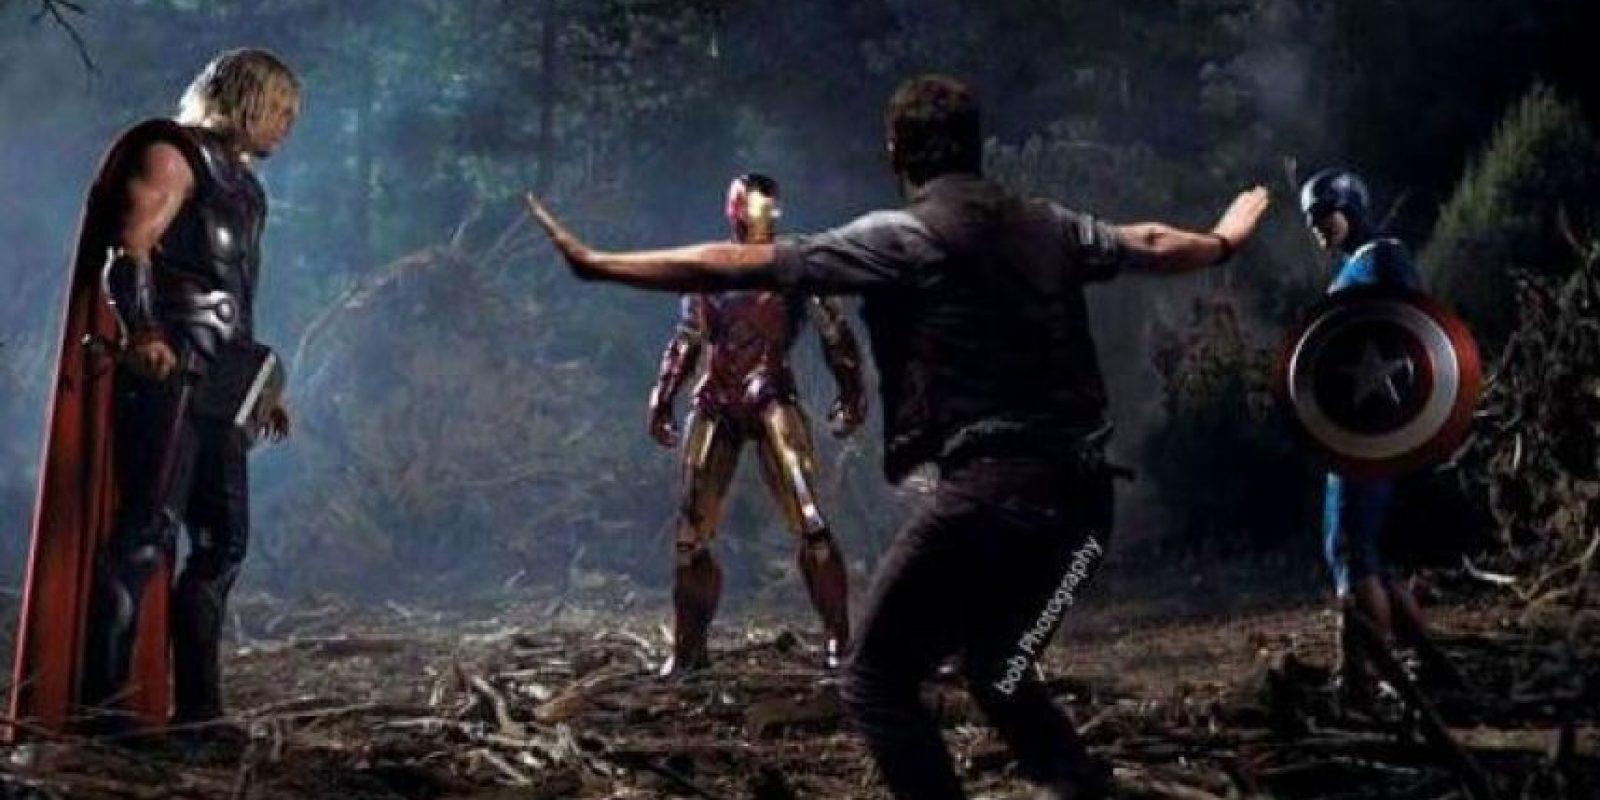 """La imagen que el intérprete de """"Iron Man"""" compartió aparece Chris intentando tranquilizar a los """"Avengers"""". Foto:Twitter/RobertDowneyJr"""